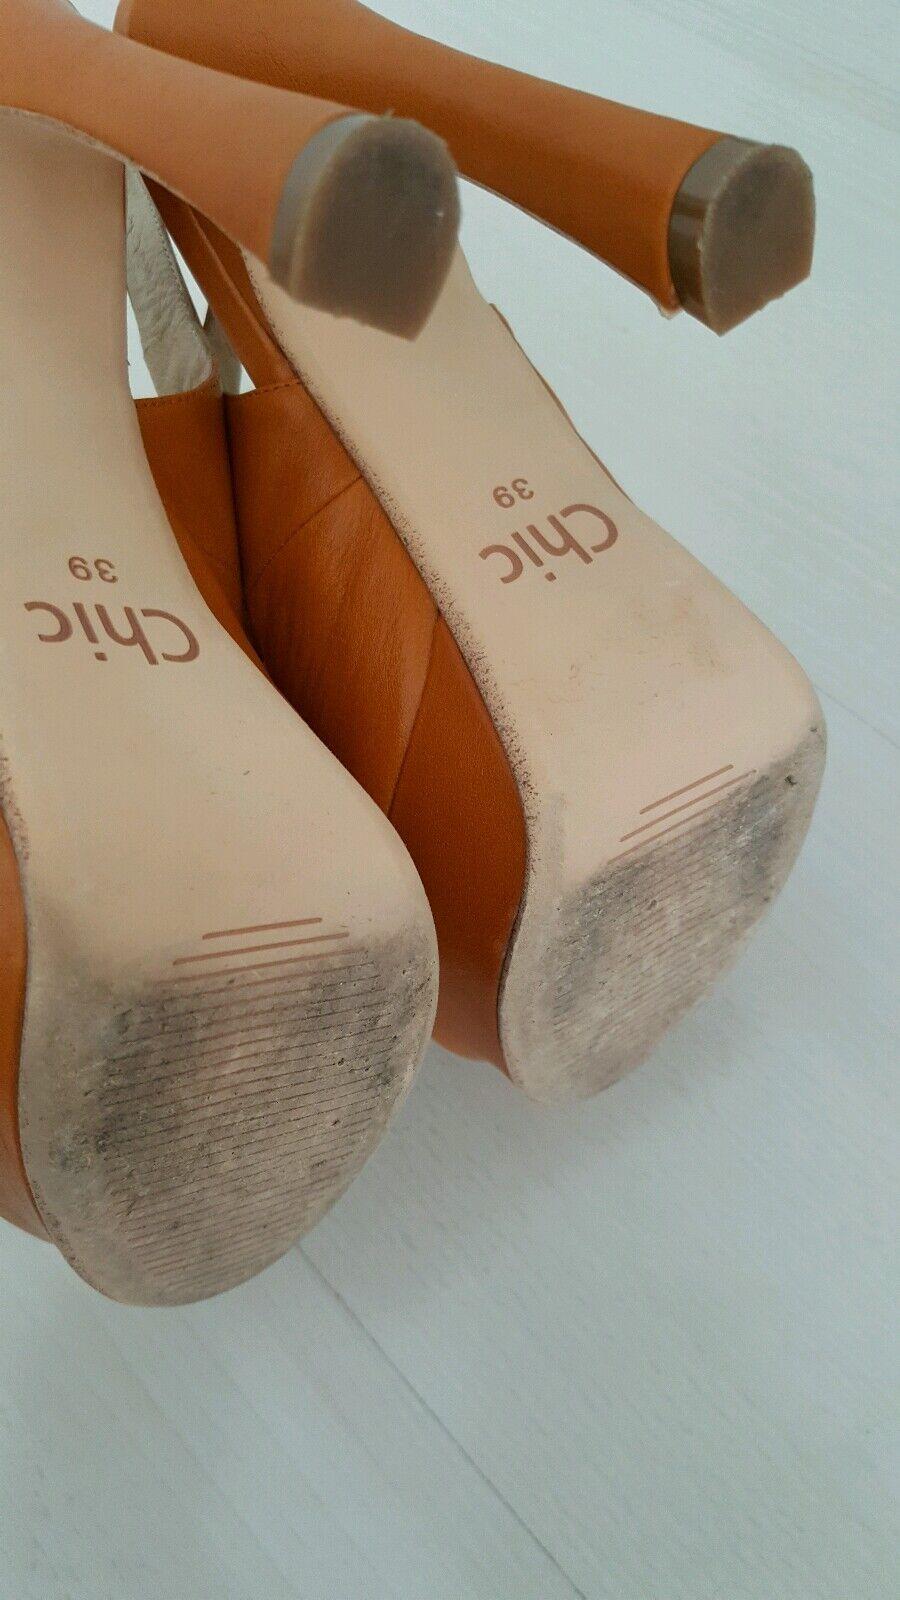 Chic  Damen Schuhe Pumps High Heel Leder ausgefallen  Chic gr.39 2f3e30